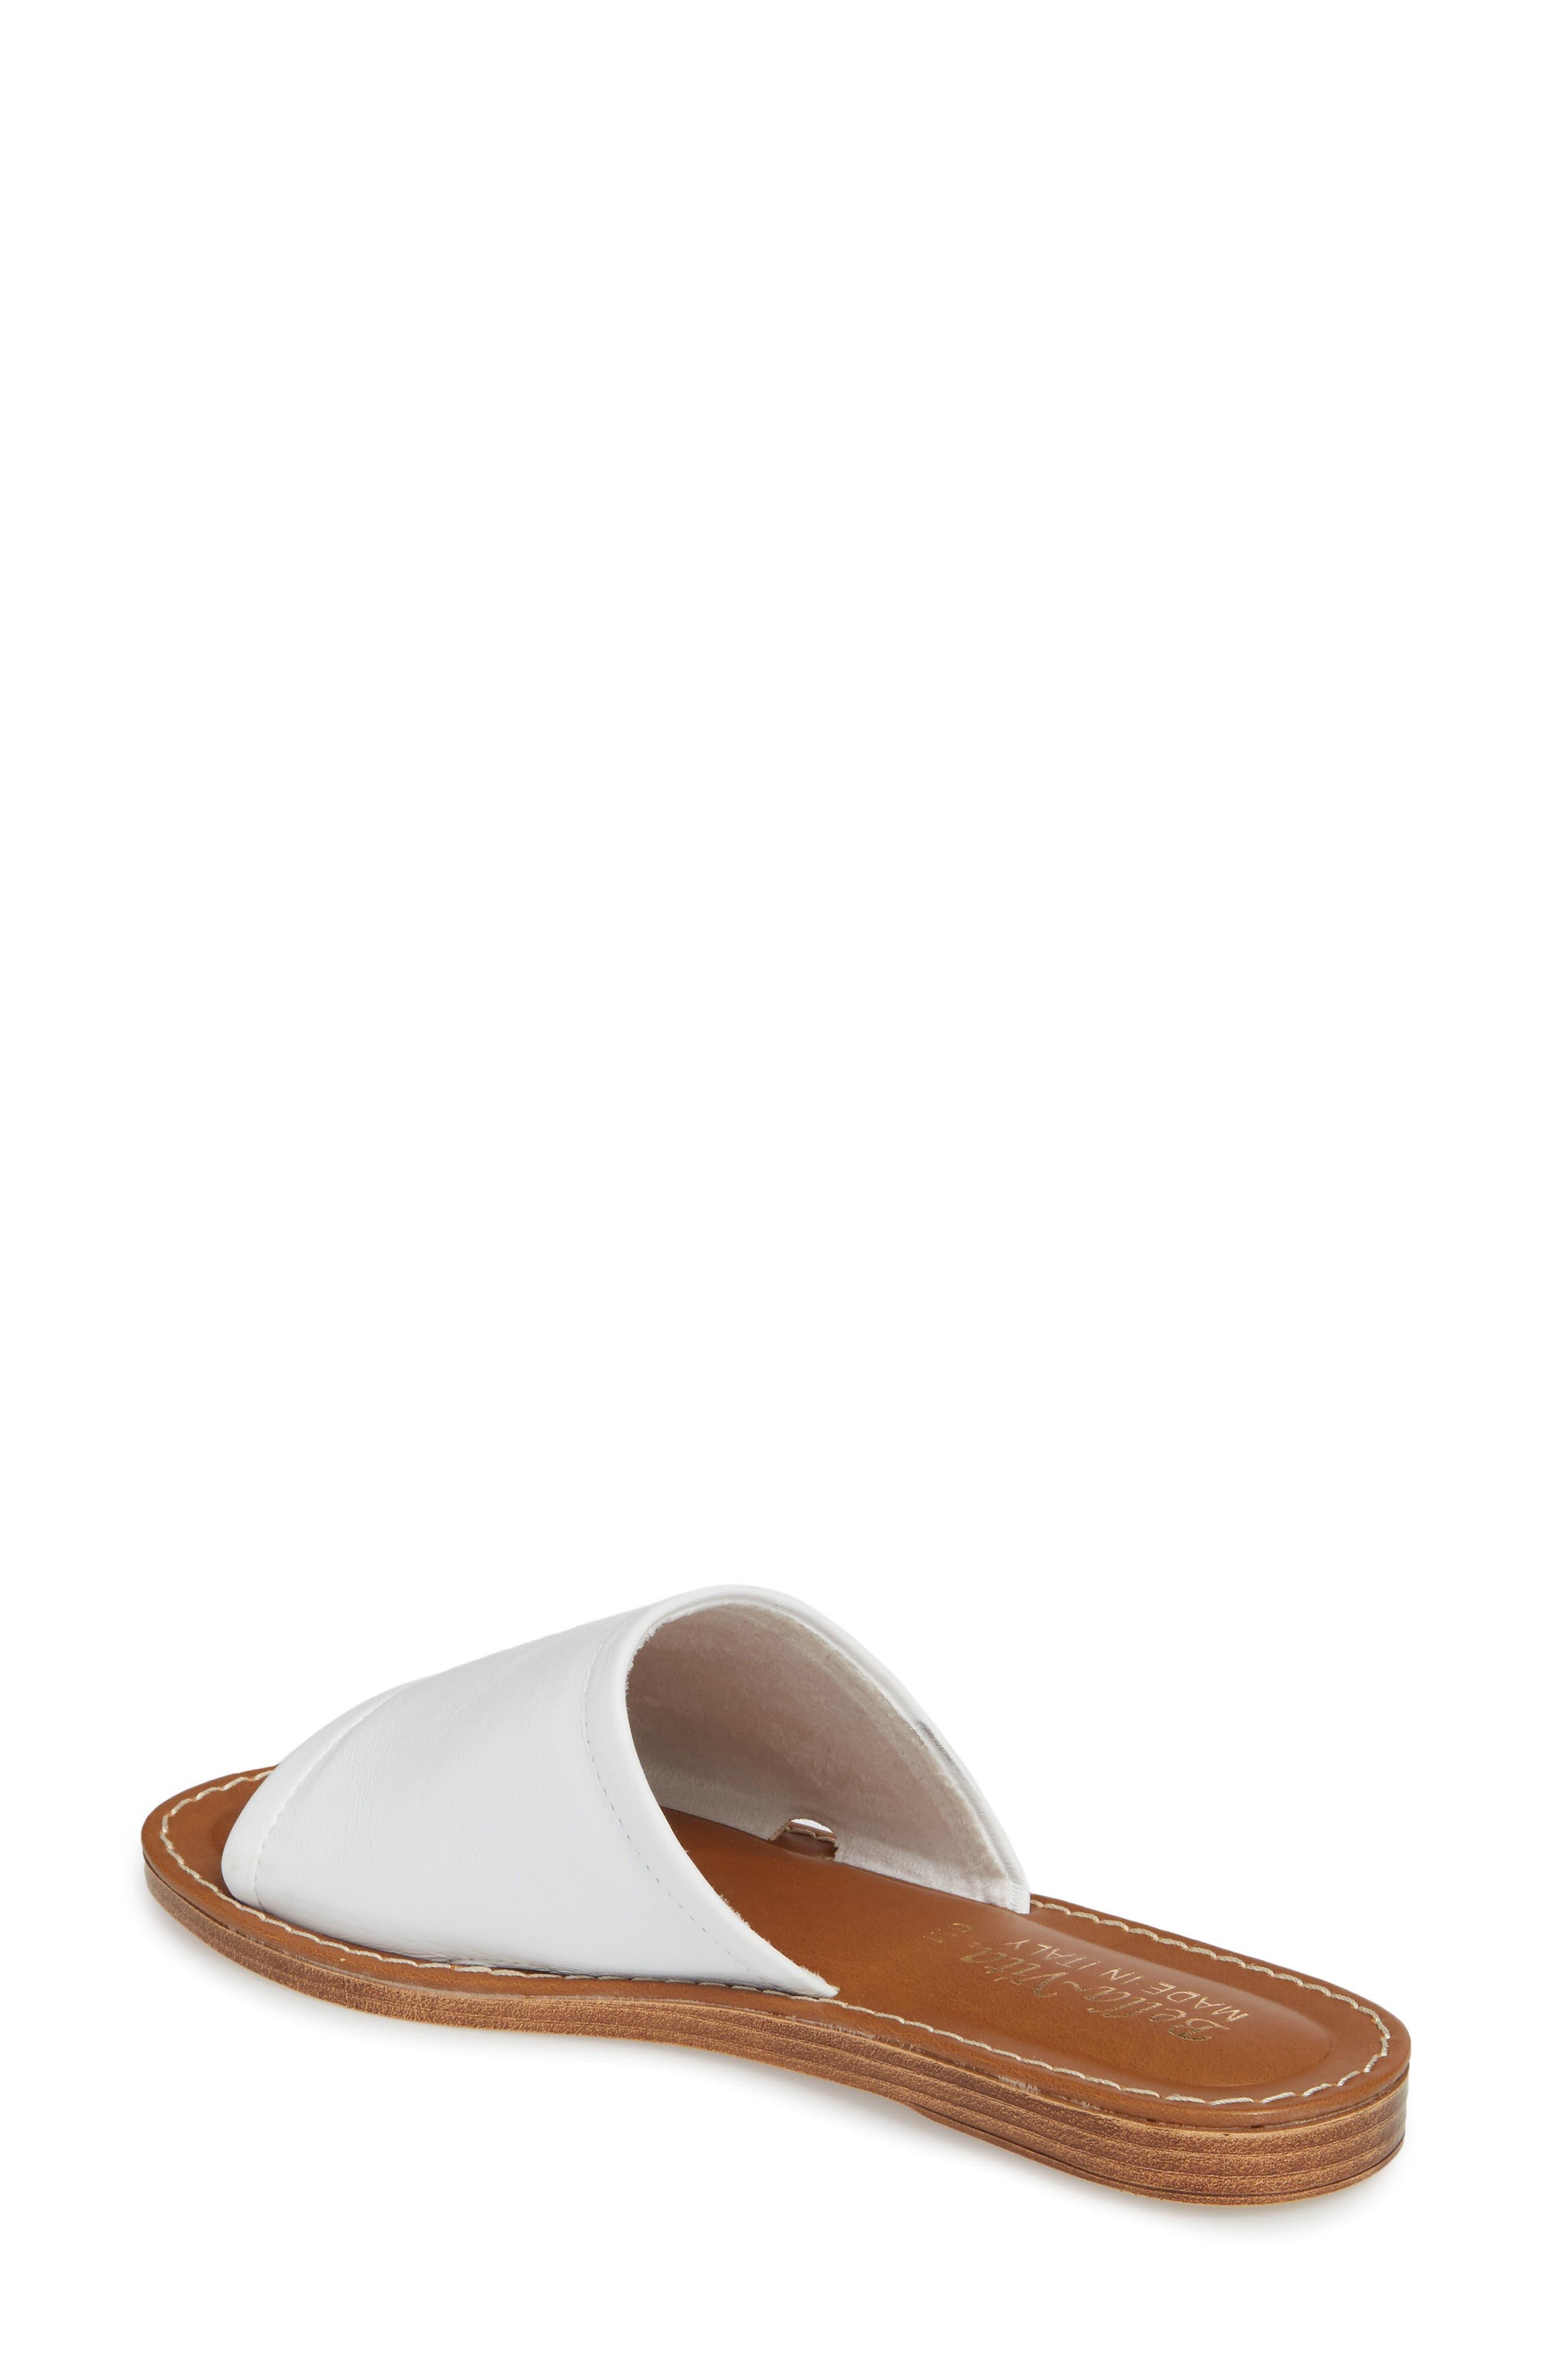 Ros Slide Sandal,                             Alternate thumbnail 2, color,                             White Leather